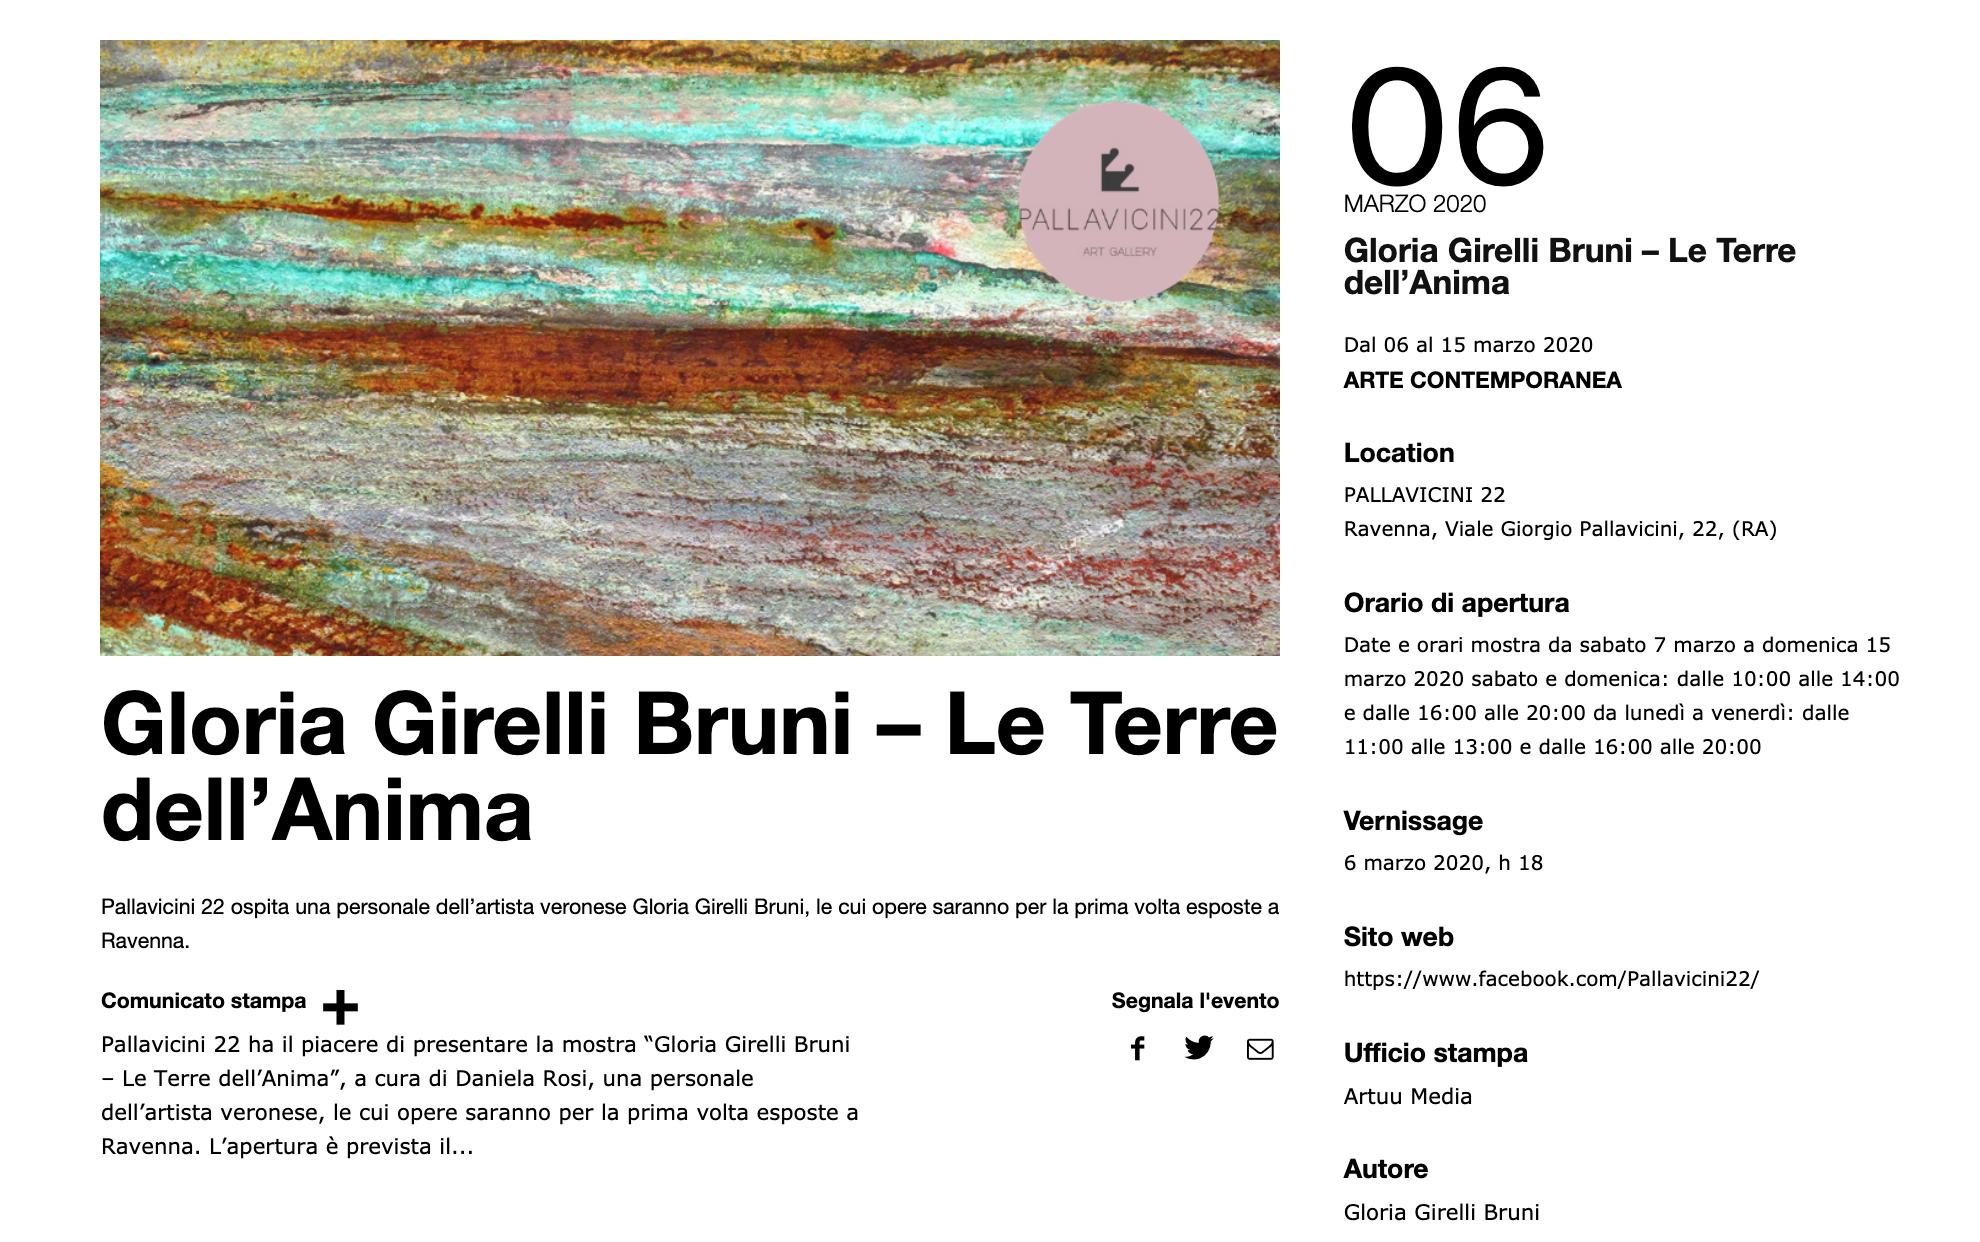 Le Terre dell'Anima di Gloria Girelli Bruni su Exibart | Pallavicini22 spazio espositivo Ravenna